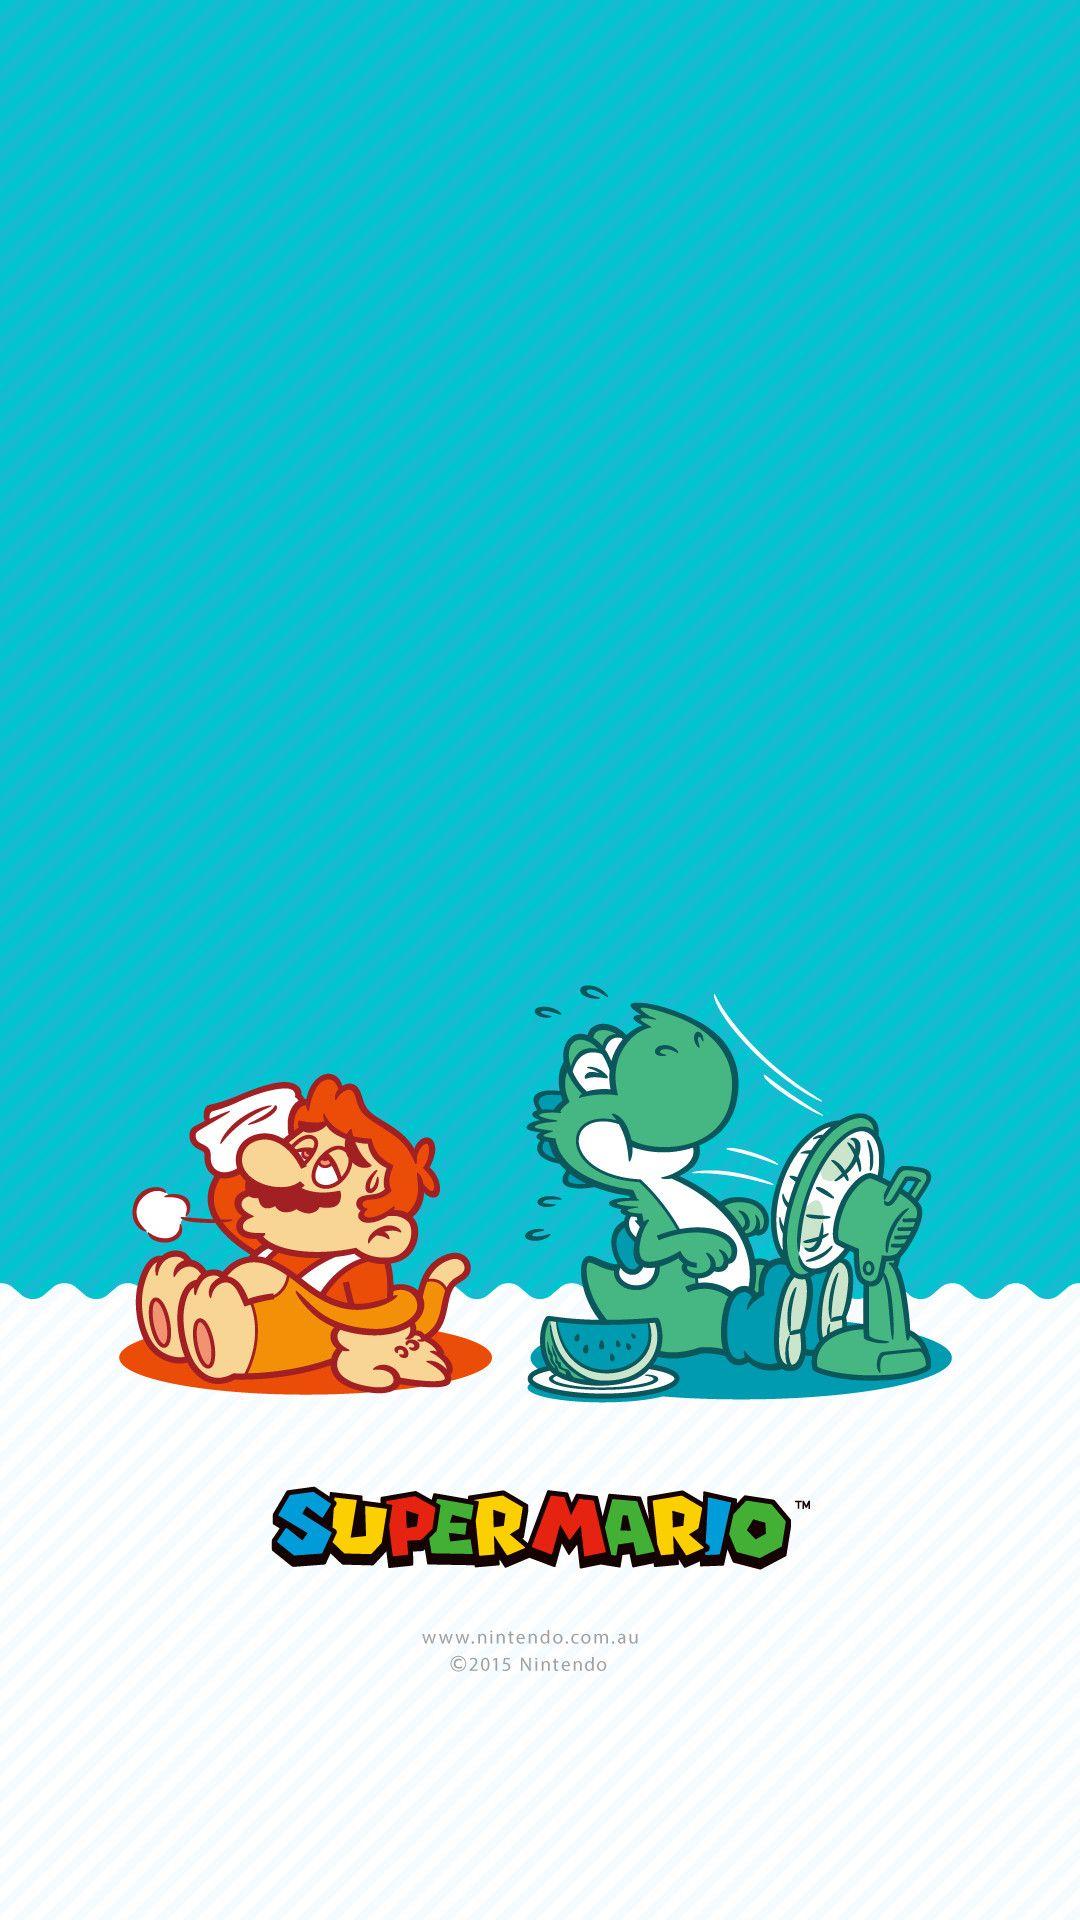 Super Nintendo Portatil Com 1300 Jogos E Bom Personagens De Videogame Personagens De Jogos Jogos Nintendo